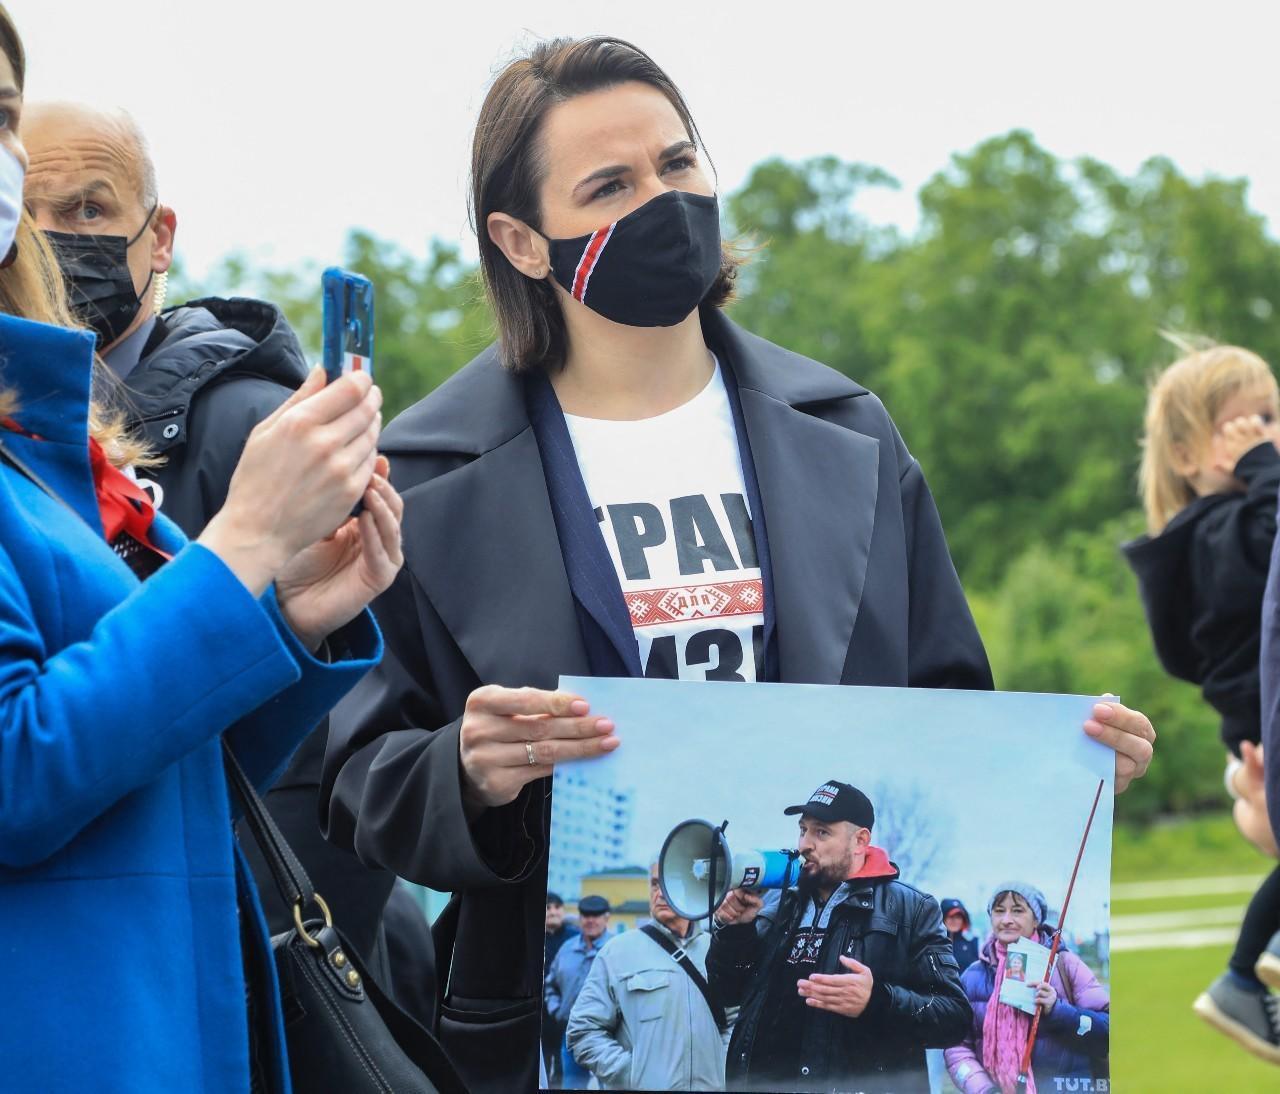 La chef de l'opposition biélorusse Svetlana Tikhanovskaïa participe à une manifestation devant l'ambassade de Biélorussie en Lituanie à Vilnius le 29 mai 2021, réclamant la liberté du de Roman Protasevich et de sa partenaire Sofia Sapega.